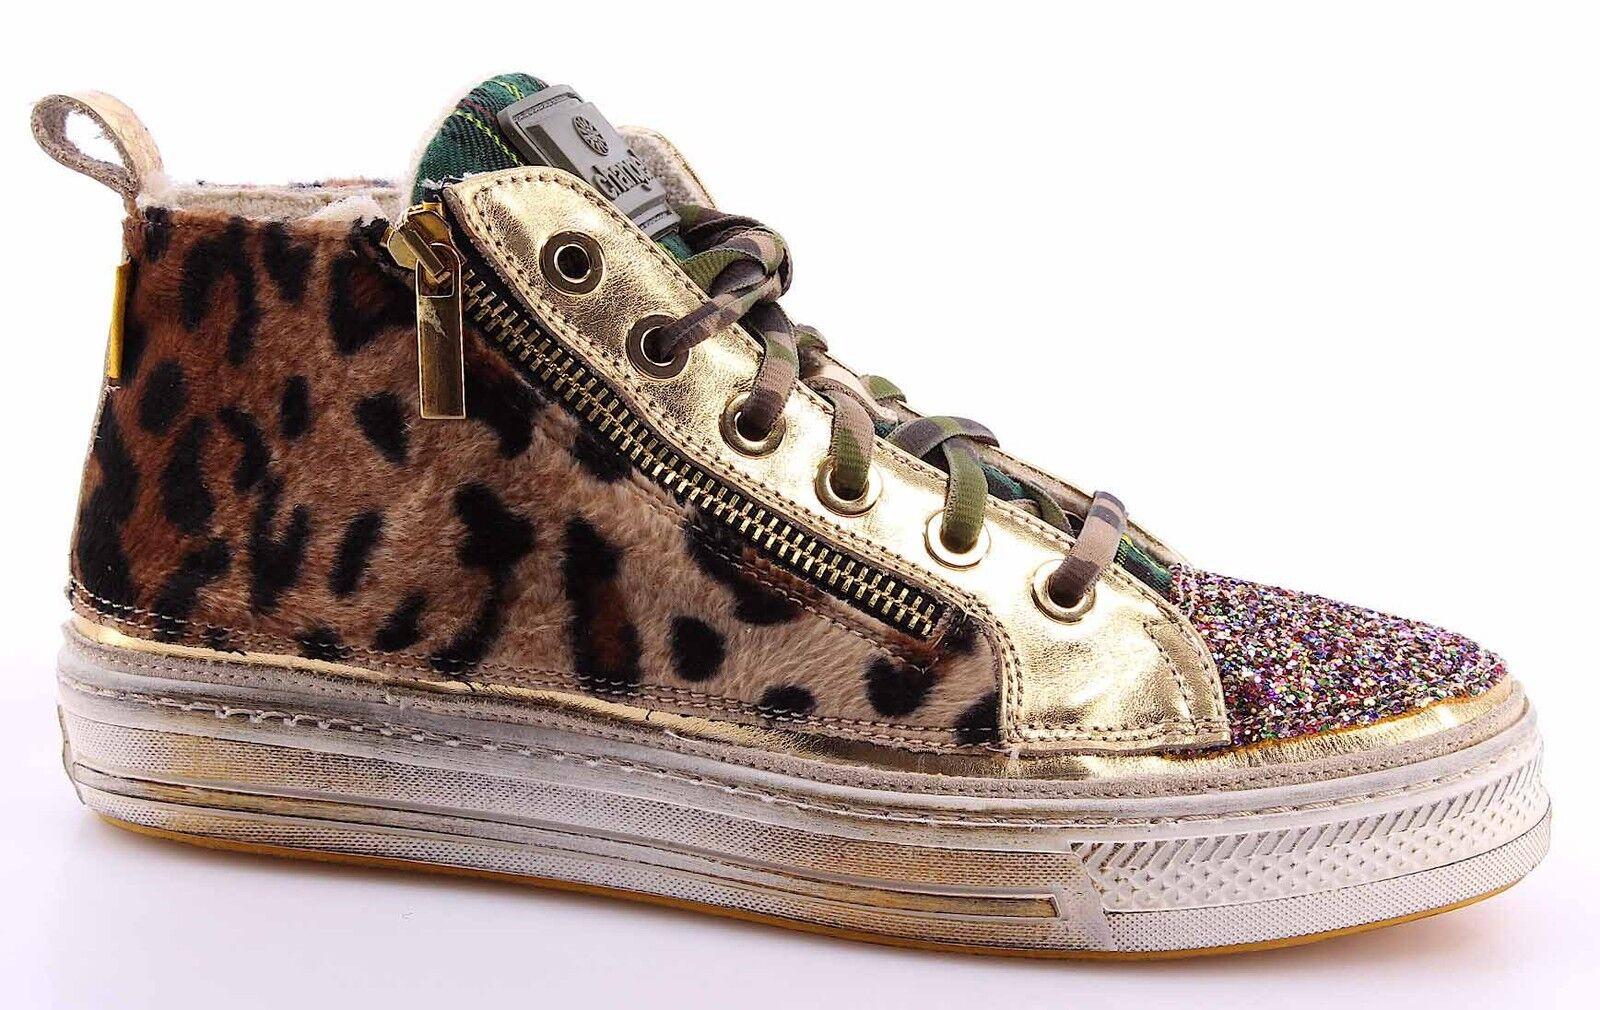 Zapatos casuales salvajes Barato y cómodo Scarpe Zapatillas Alte Donna CHANGE! RollvW Specchio Oro Glitter Multico Made IT